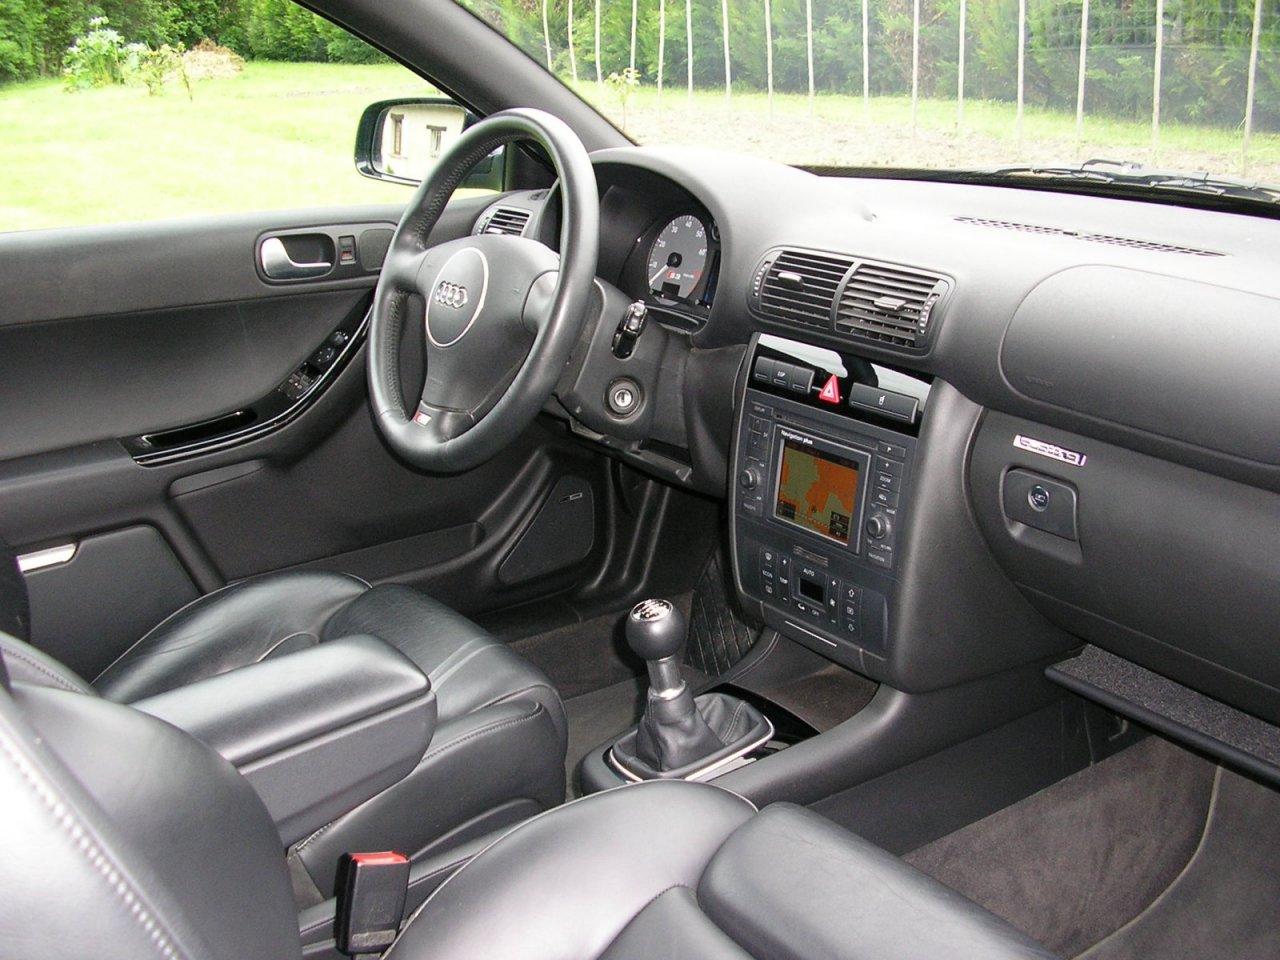 conseil achat voiture audi s3 ou mercedes slk 230 auto titre. Black Bedroom Furniture Sets. Home Design Ideas